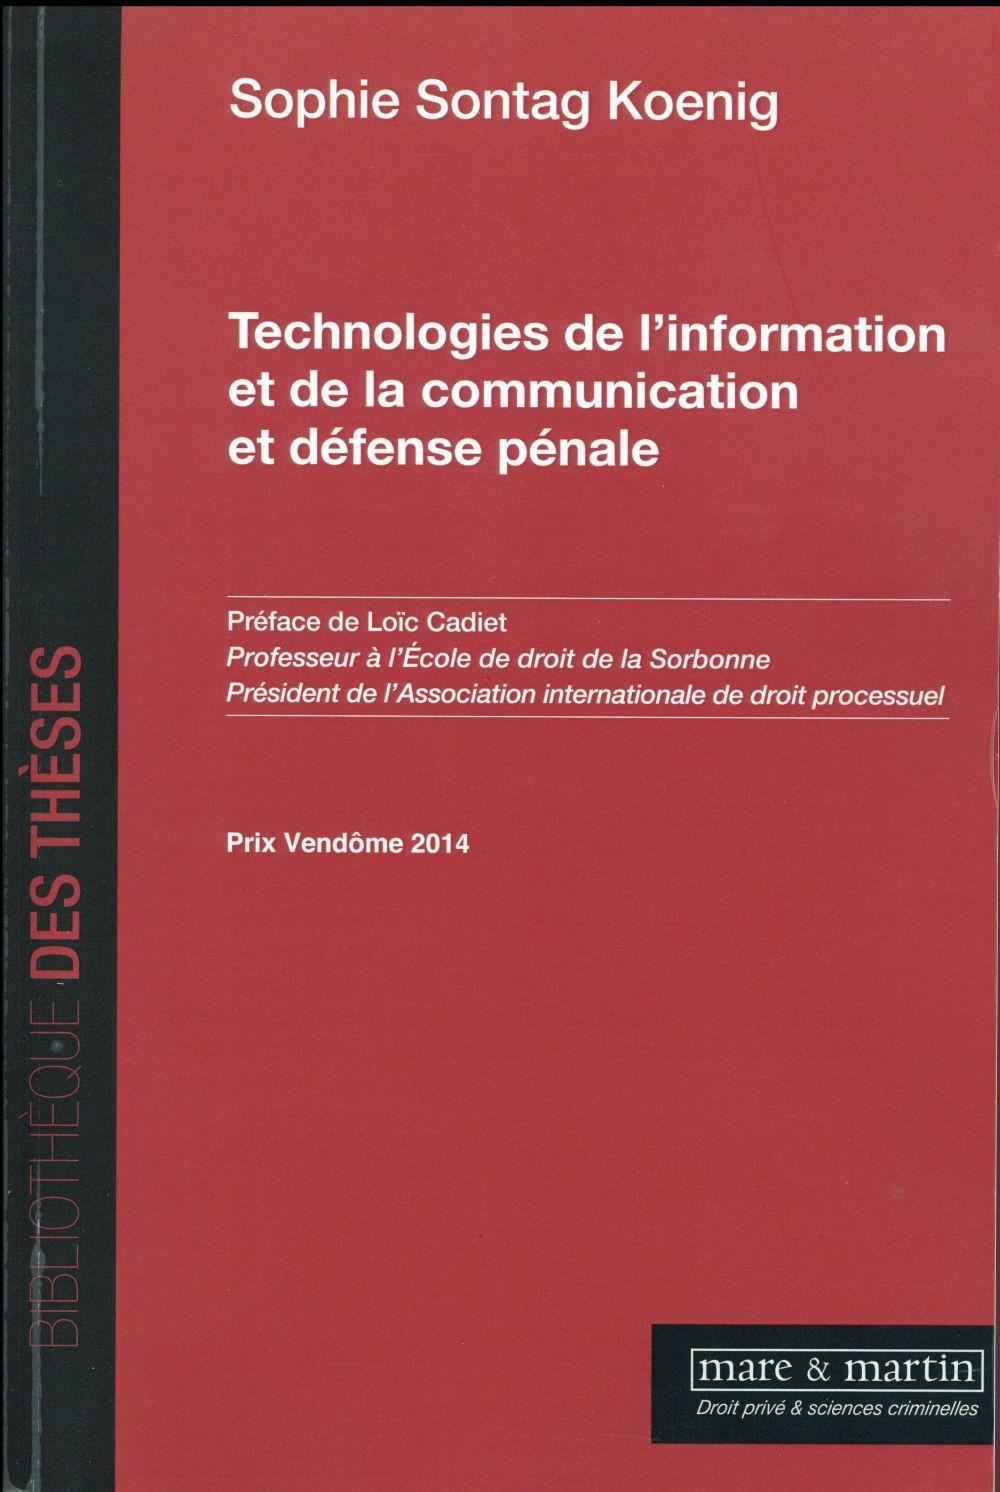 TECHNOLOGIES DE L INFORMATION ET DE LA COMMUNICATION ET DEFENSE PENALE